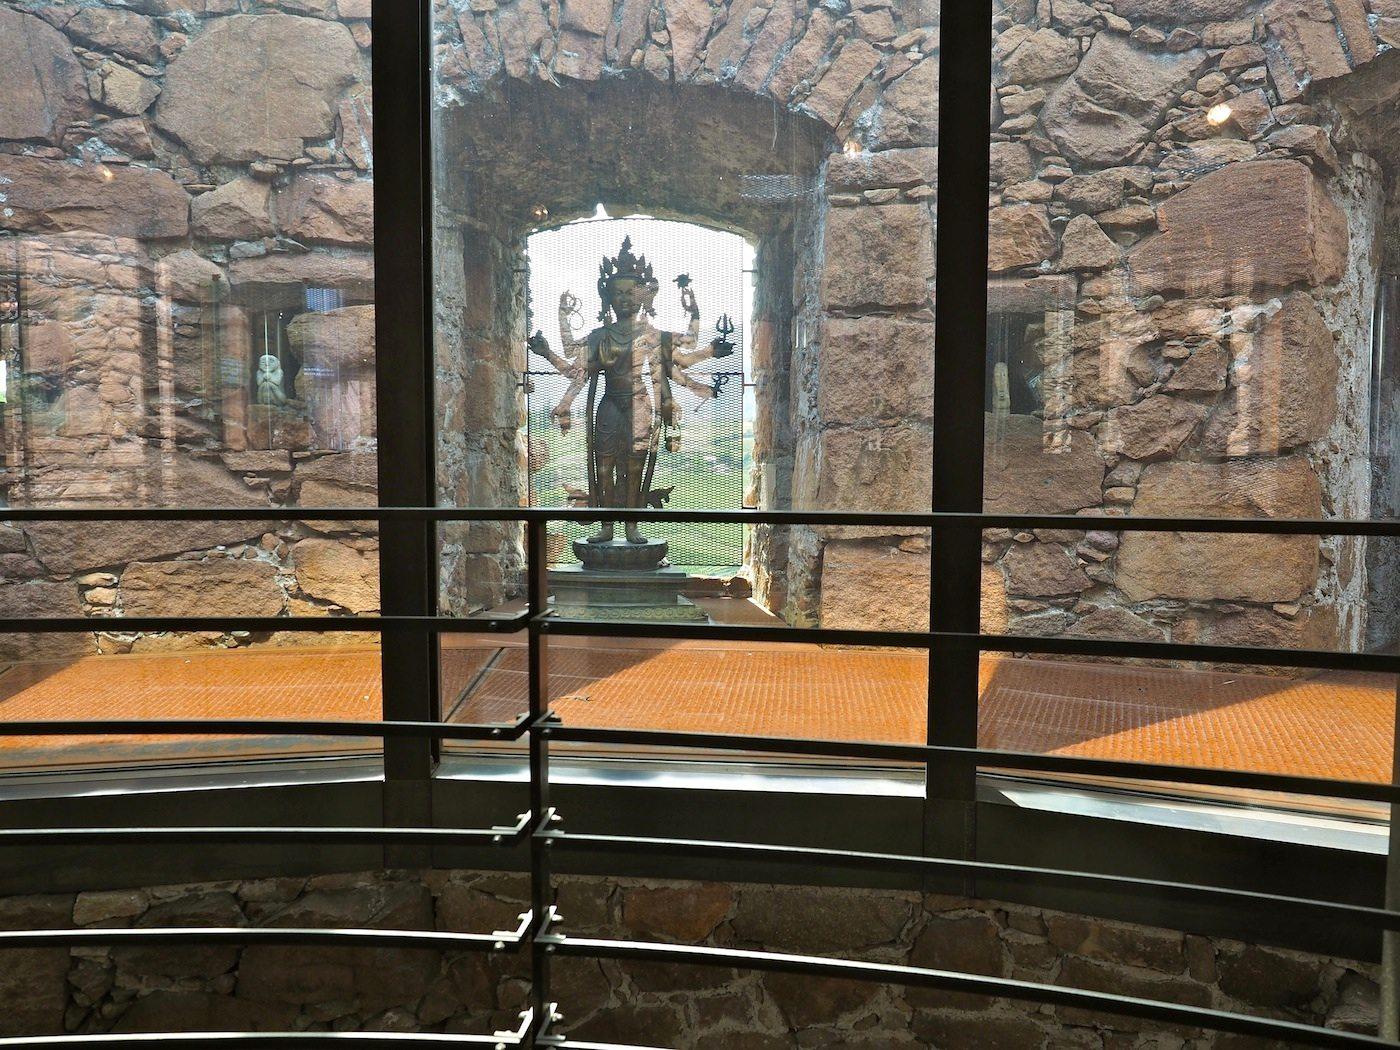 Erhellendes von oben..  Viel Licht durch von außen unsichtbare Glaskuppeln modelliert die alten Wände und neuen Strukturen.